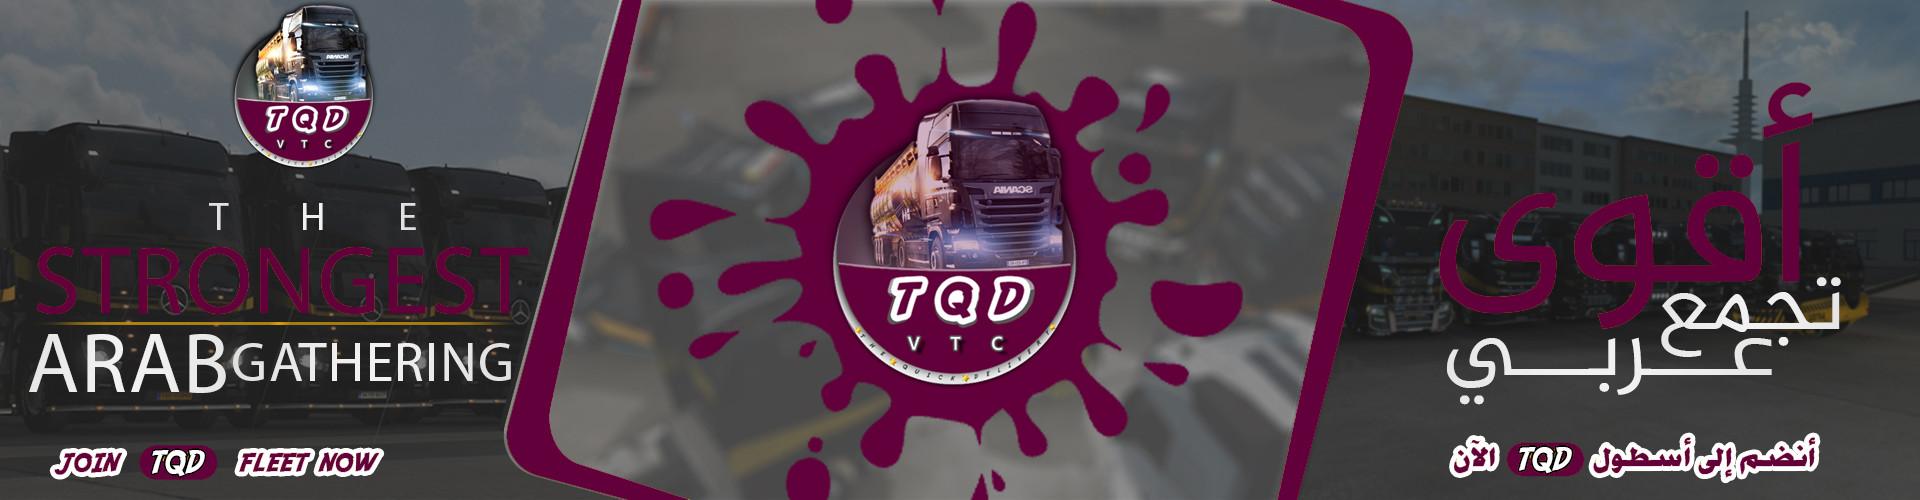 TQD vtc ATS # 8